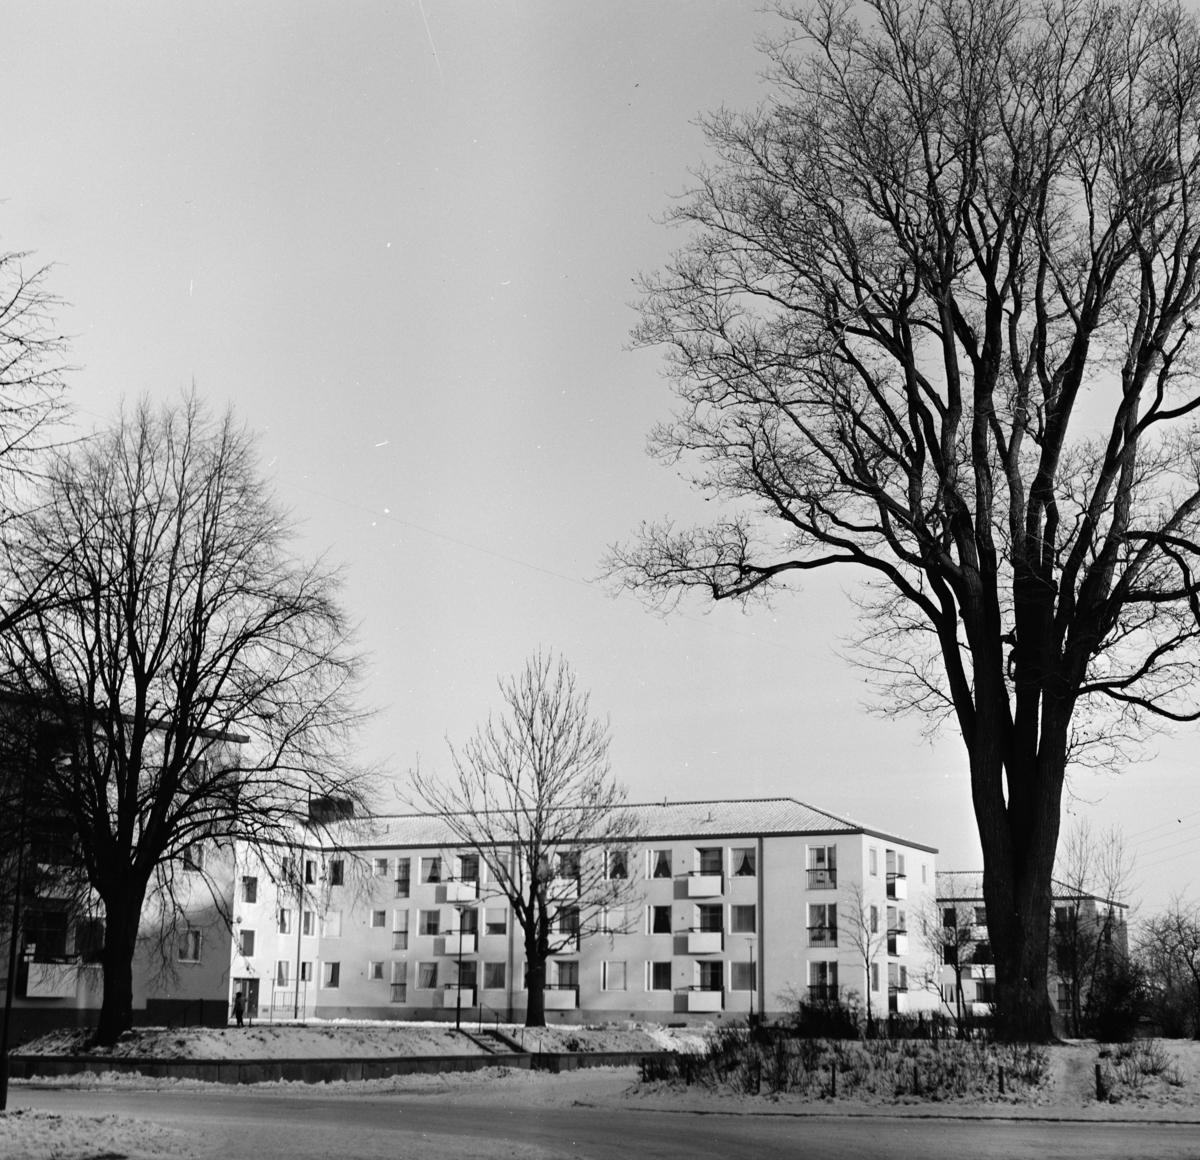 Flerfamiljshus vid Luthergatan,Gävle Fasad som vetter mot öppen plan med gräs och träd Exteriör